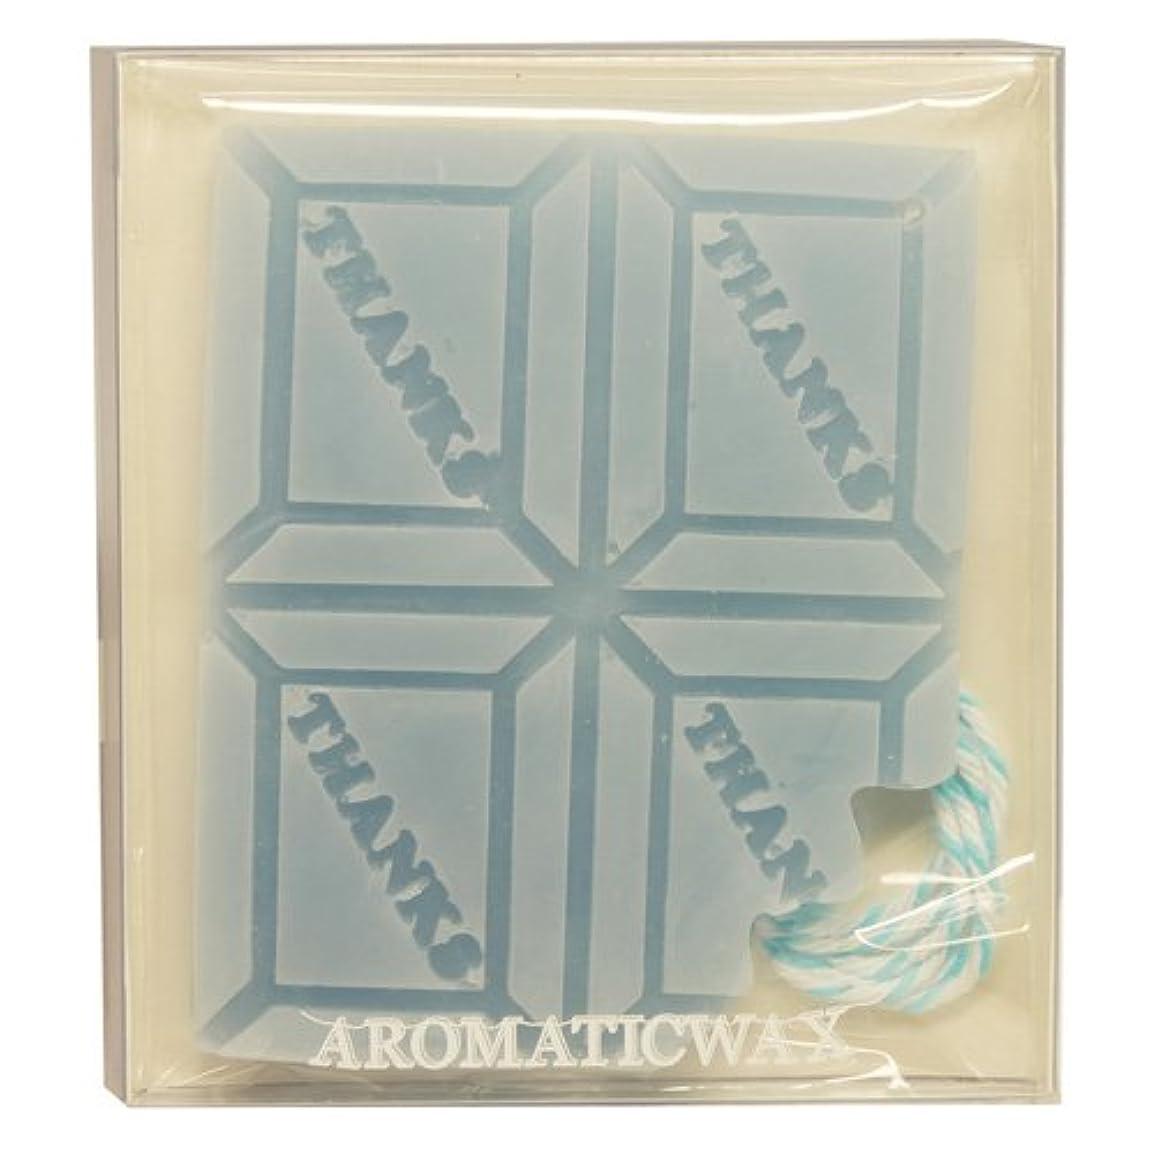 ユーザーバルブトロピカルGRASSE TOKYO AROMATICWAXチャーム「板チョコ(THANKS)」(BL) ローズマリー アロマティックワックス グラーストウキョウ